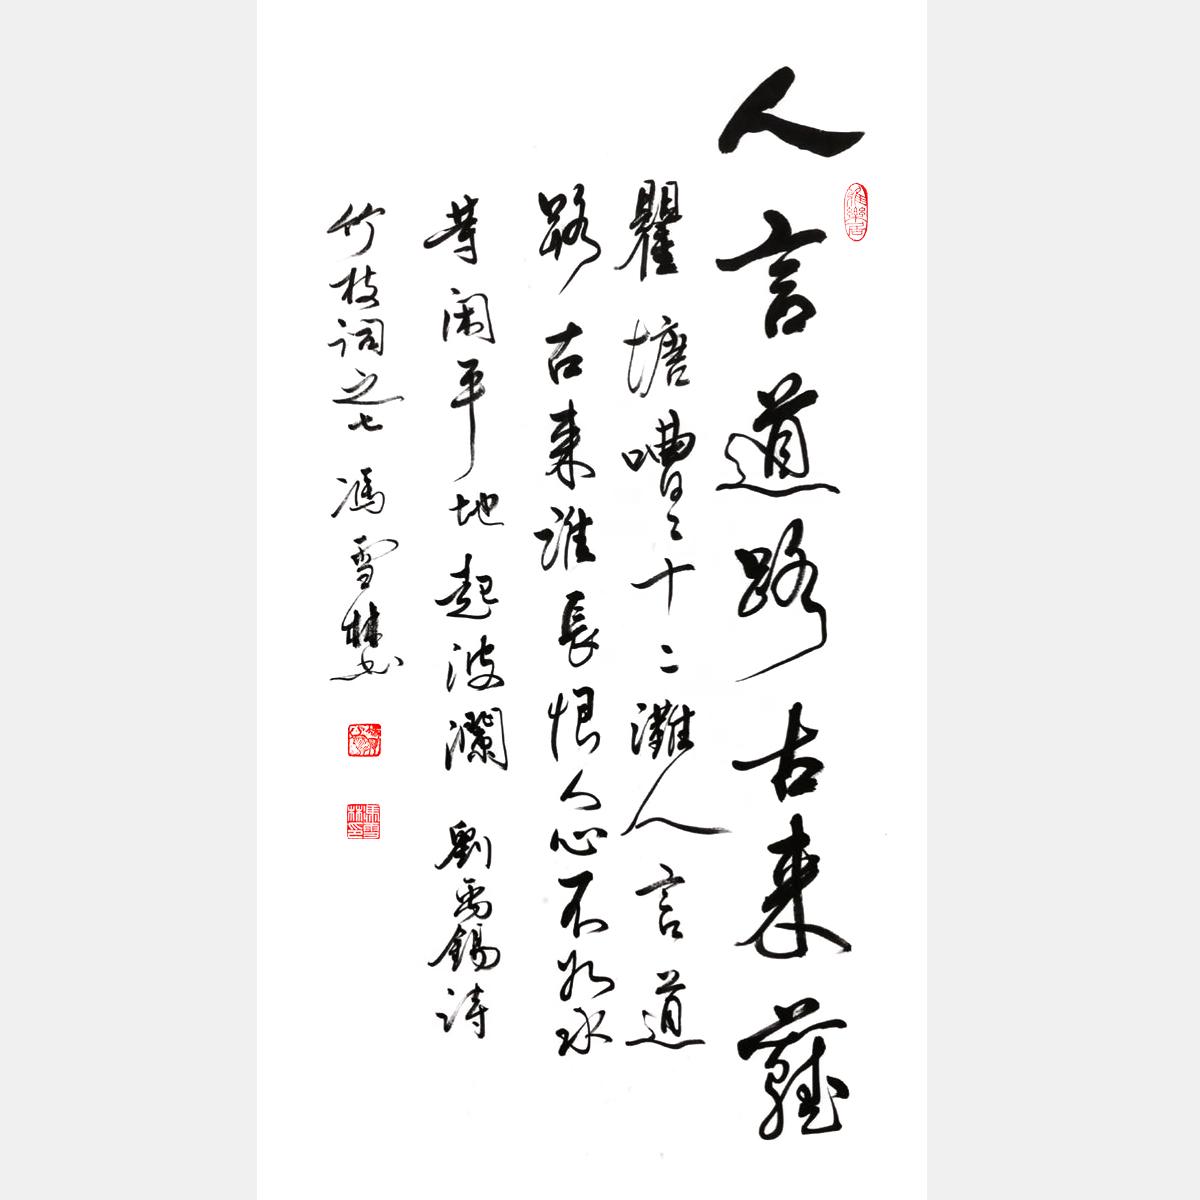 唐代刘禹锡《竹枝词九首・其七》行书书法作品